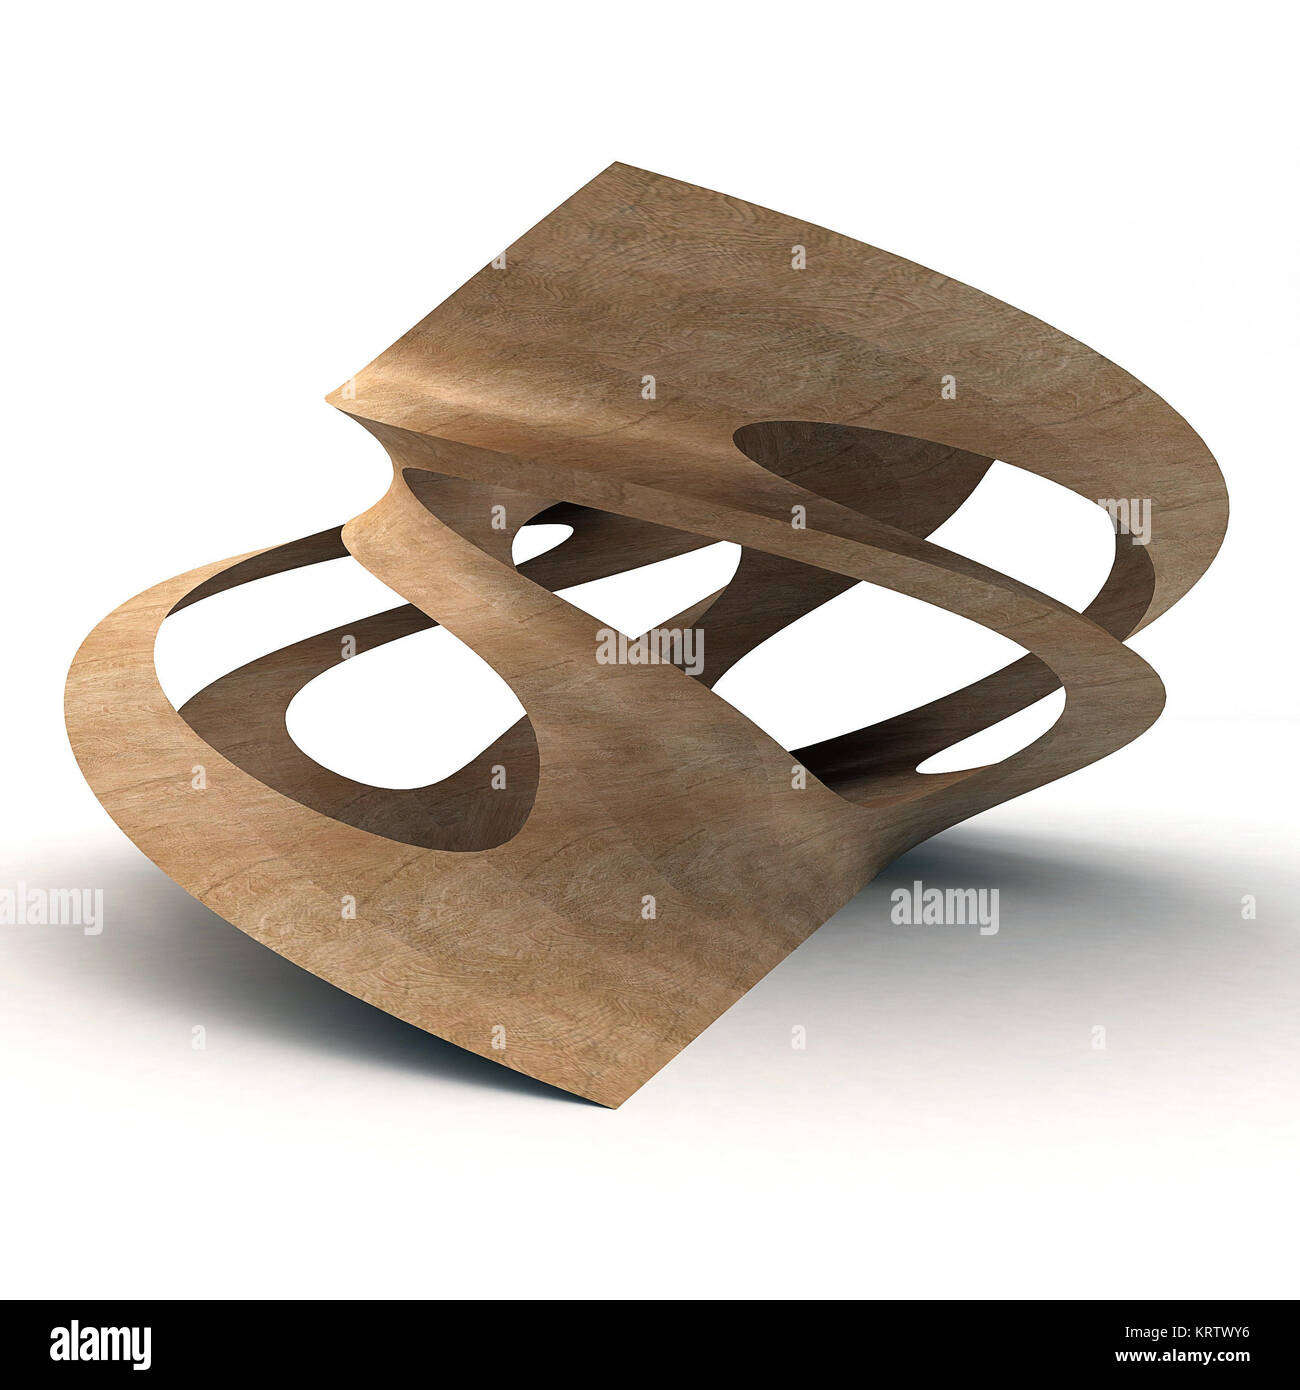 Ilustración 3D de madera trenzado Imagen De Stock